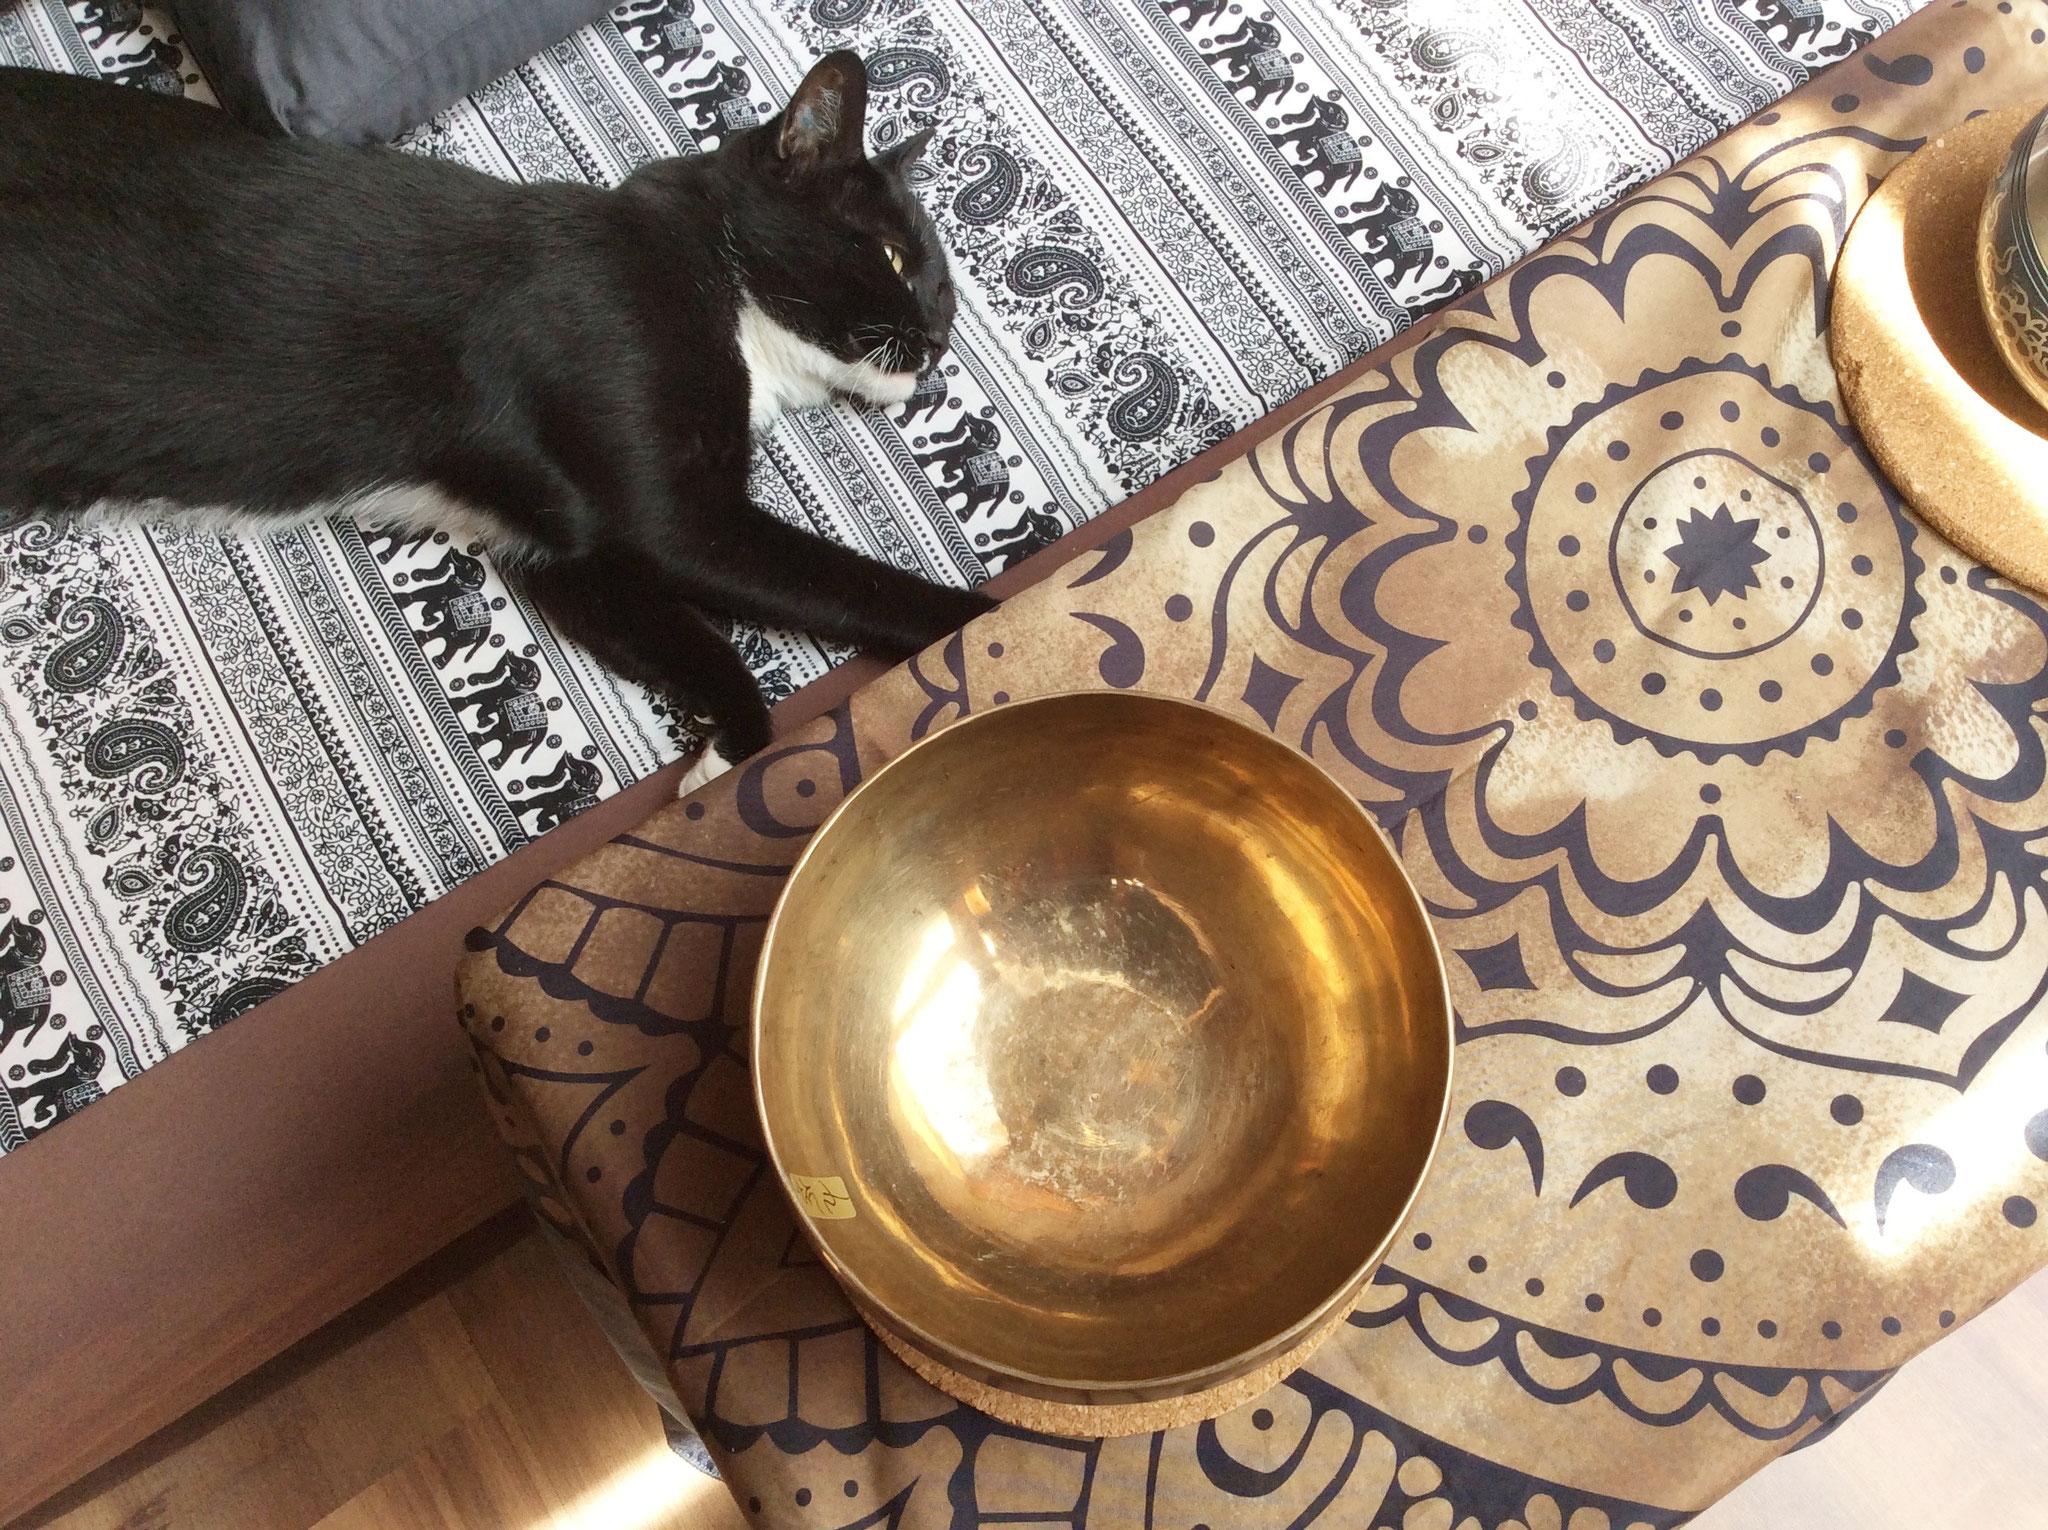 Entspannung auch für meine Katze :-)